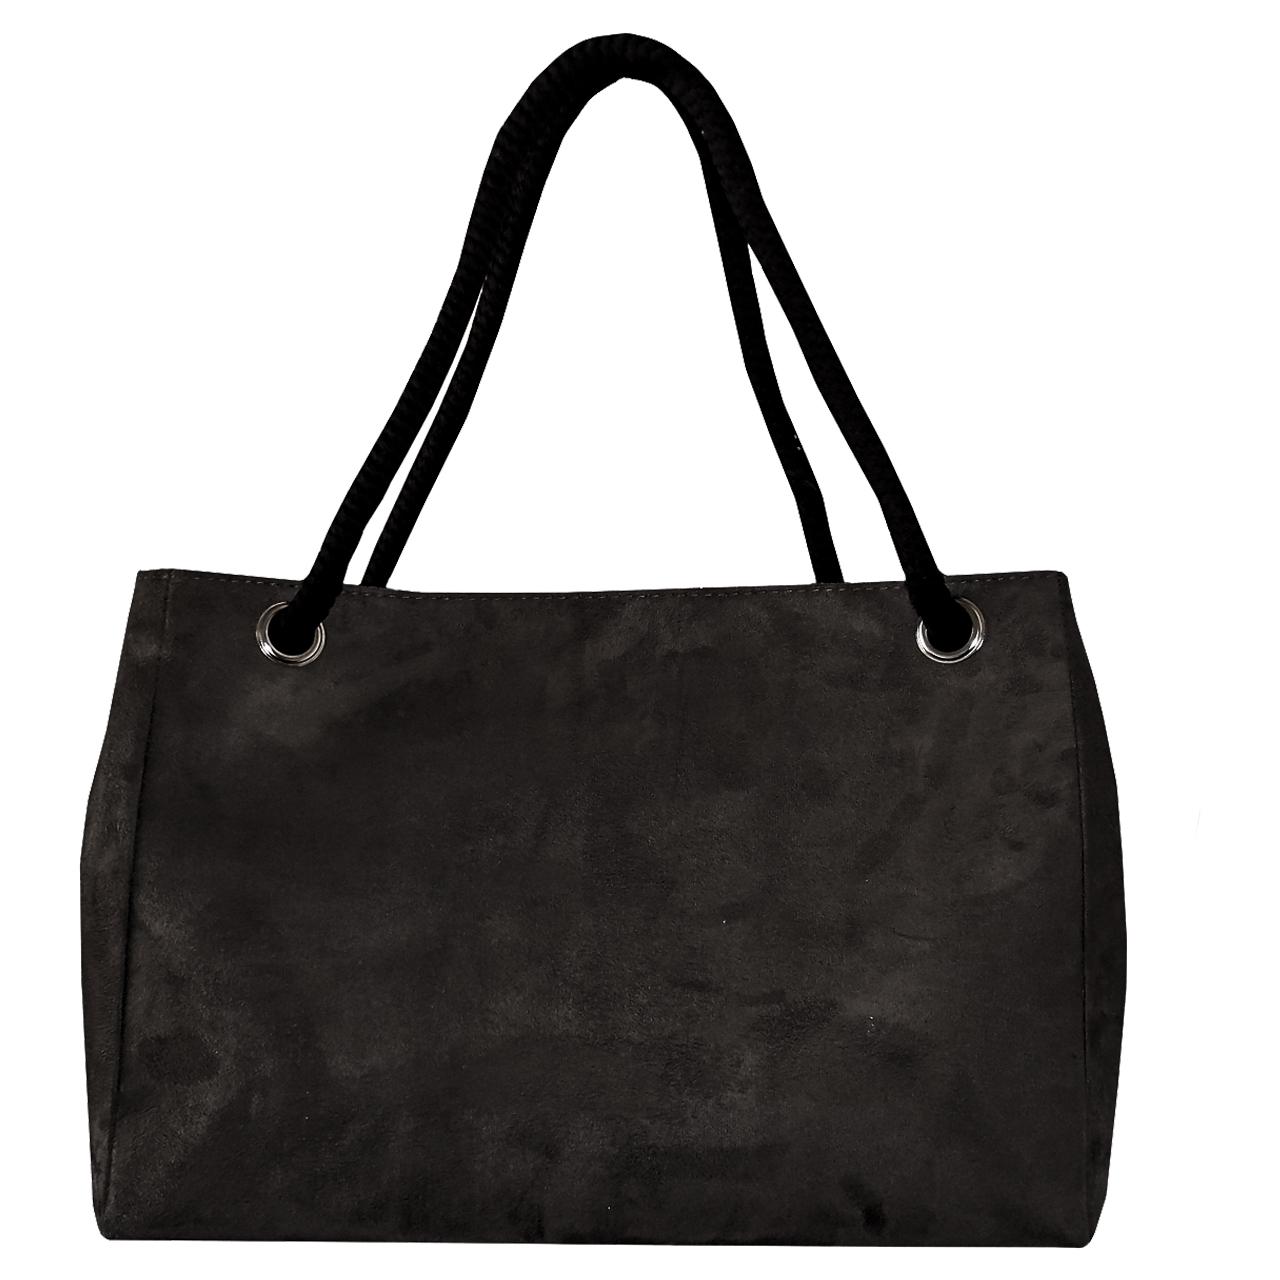 کیف دوشی زنانه کد 58 تک سایز